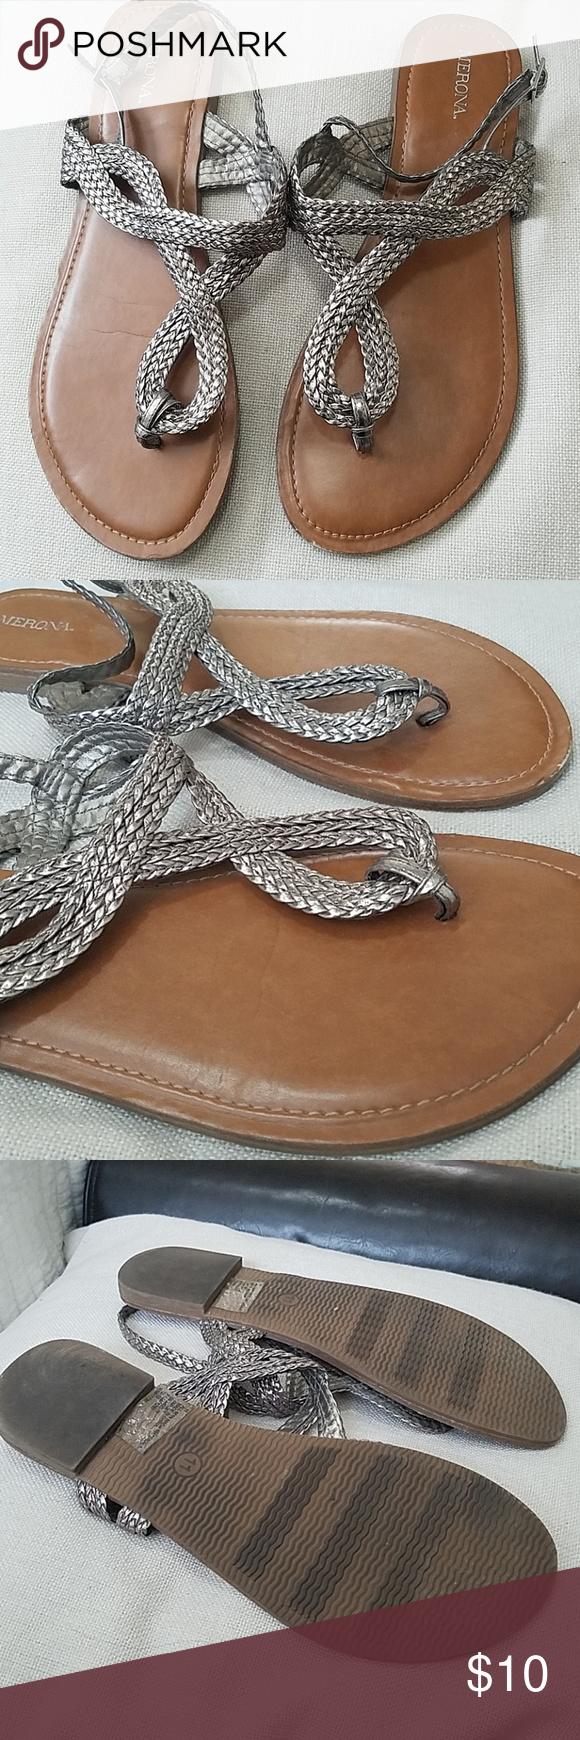 Merona sandals. Size 11 flats | Size 11